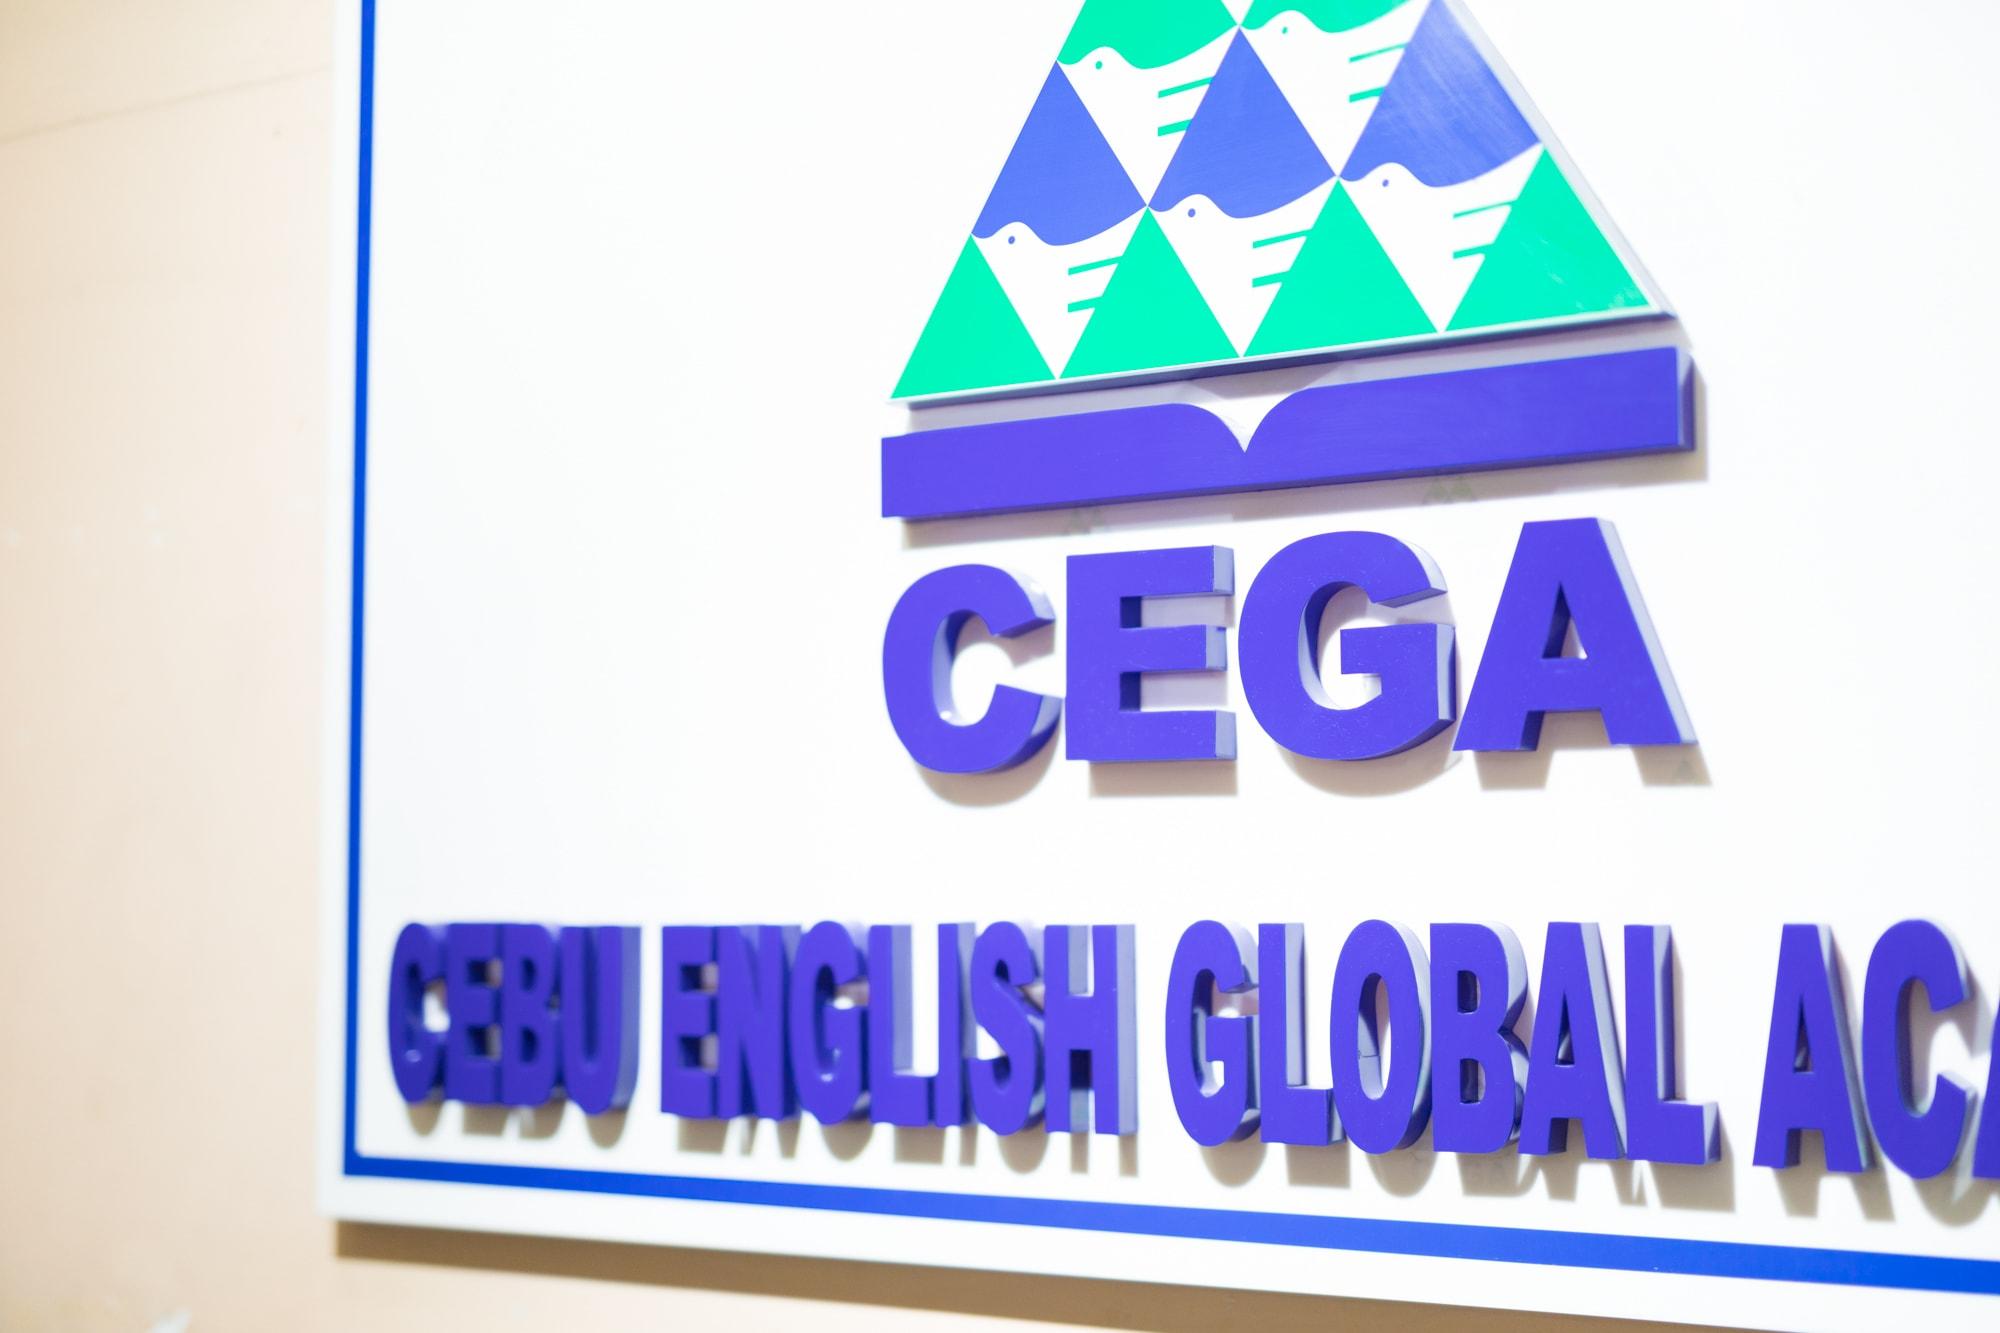 CEGAのロゴ